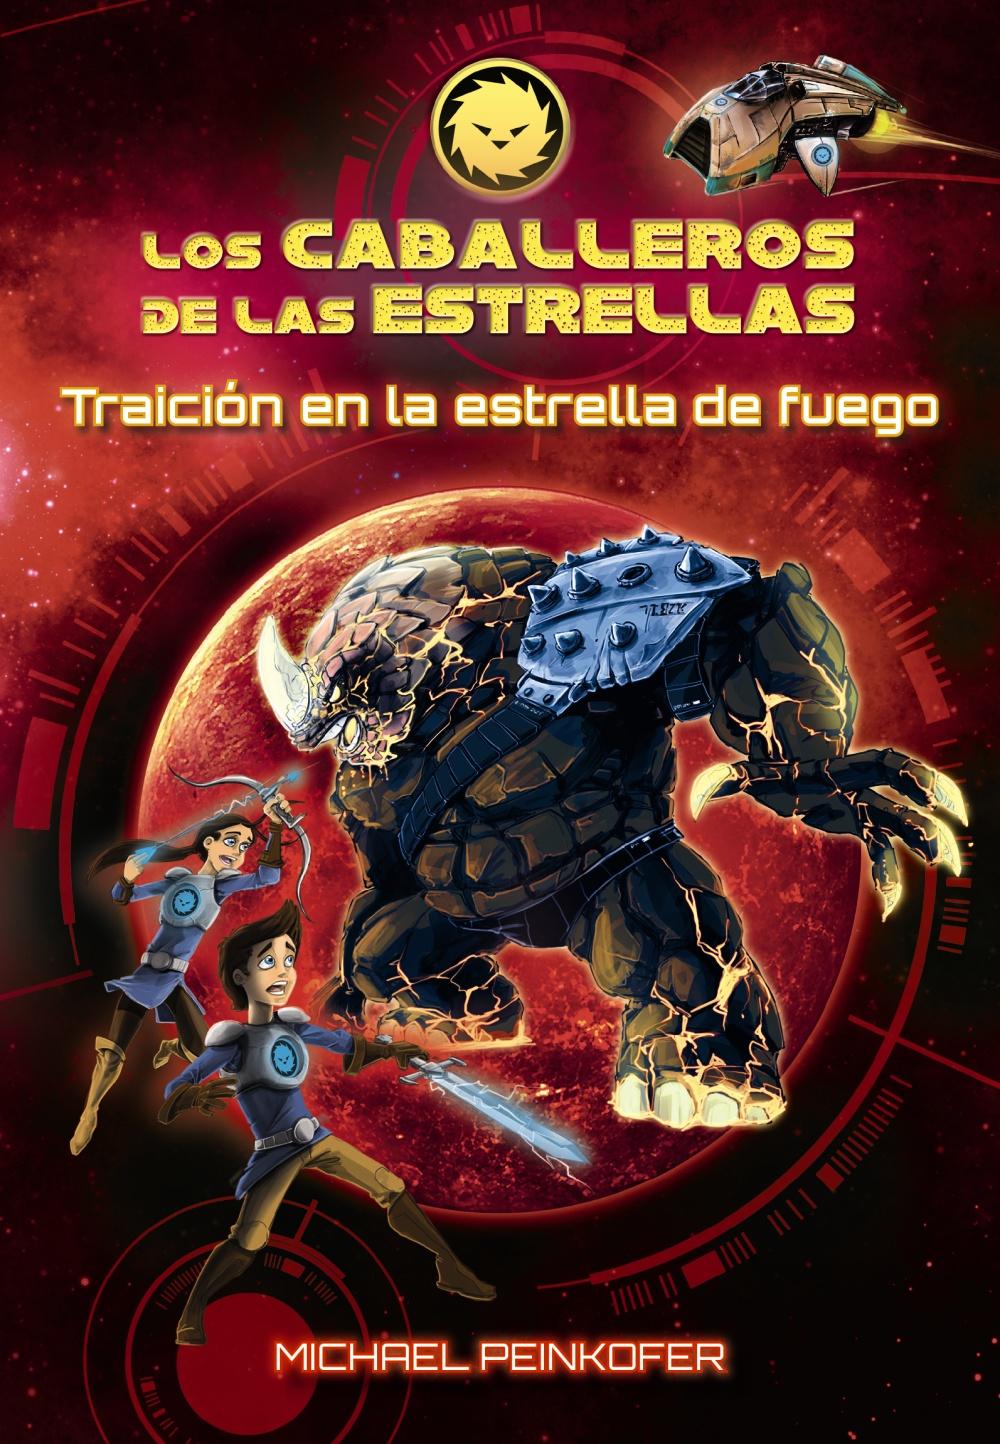 Los Caballeros de las estrellas 4. Traición en la estrella de fuego (ebook)